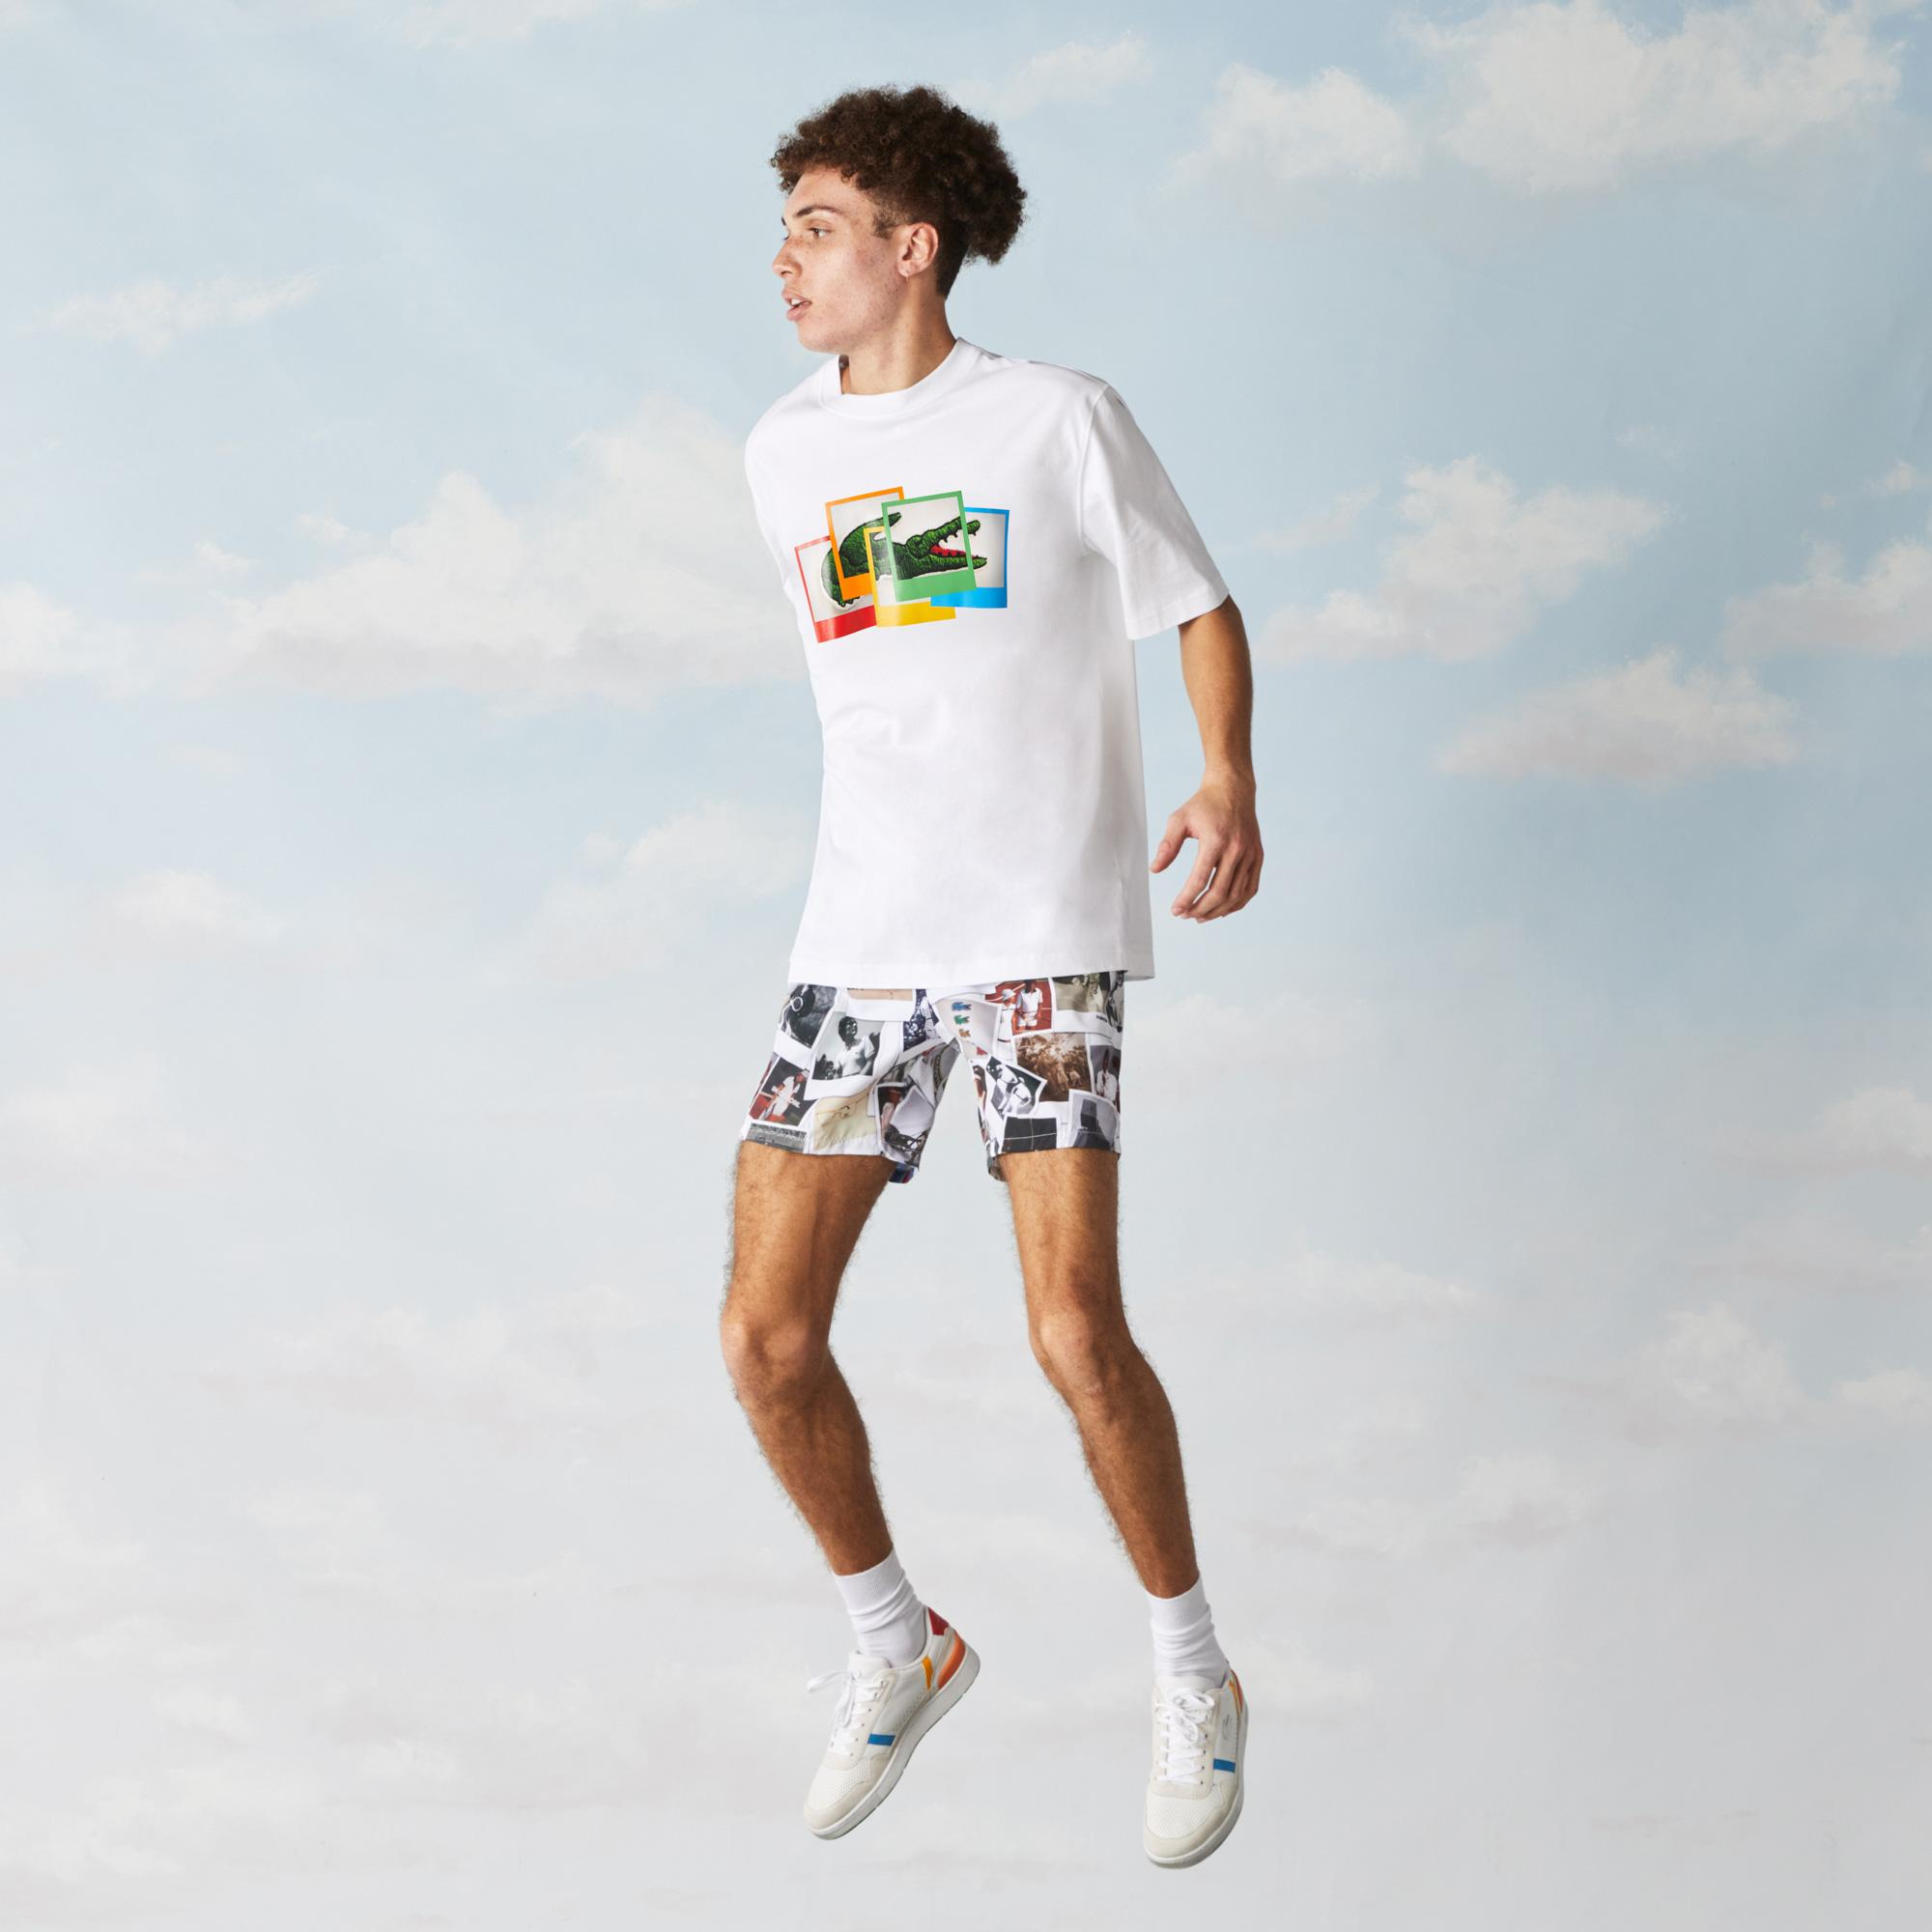 Lacoste LIVE x Polaroid Unisex Loose Fit Cotton T-shirt